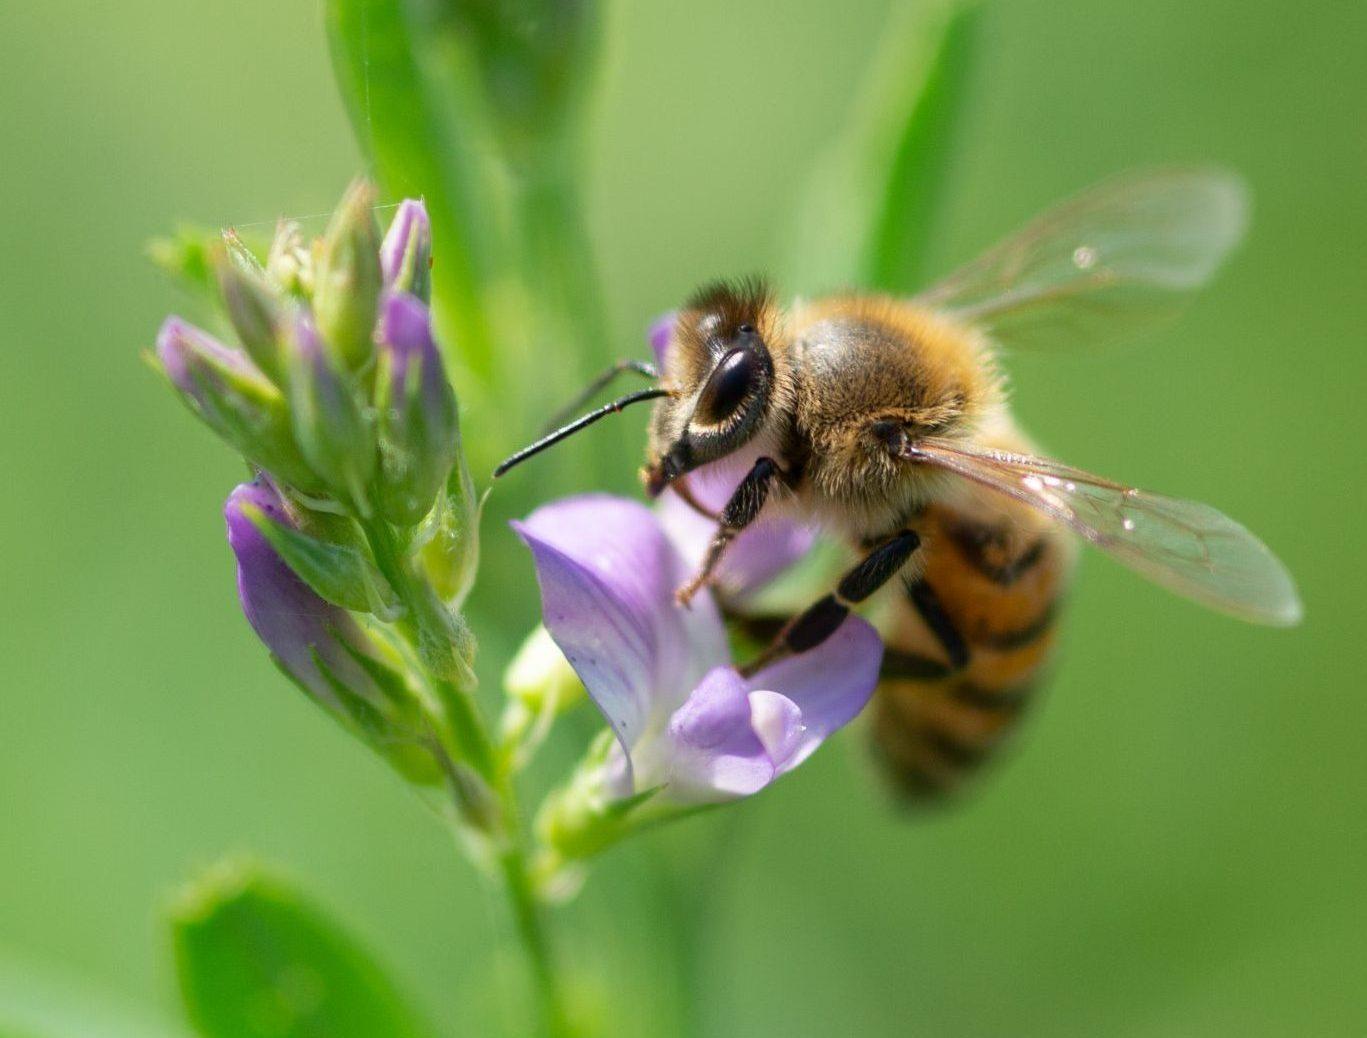 Honey Bee Harvesting Alfalfa Flower Nectar